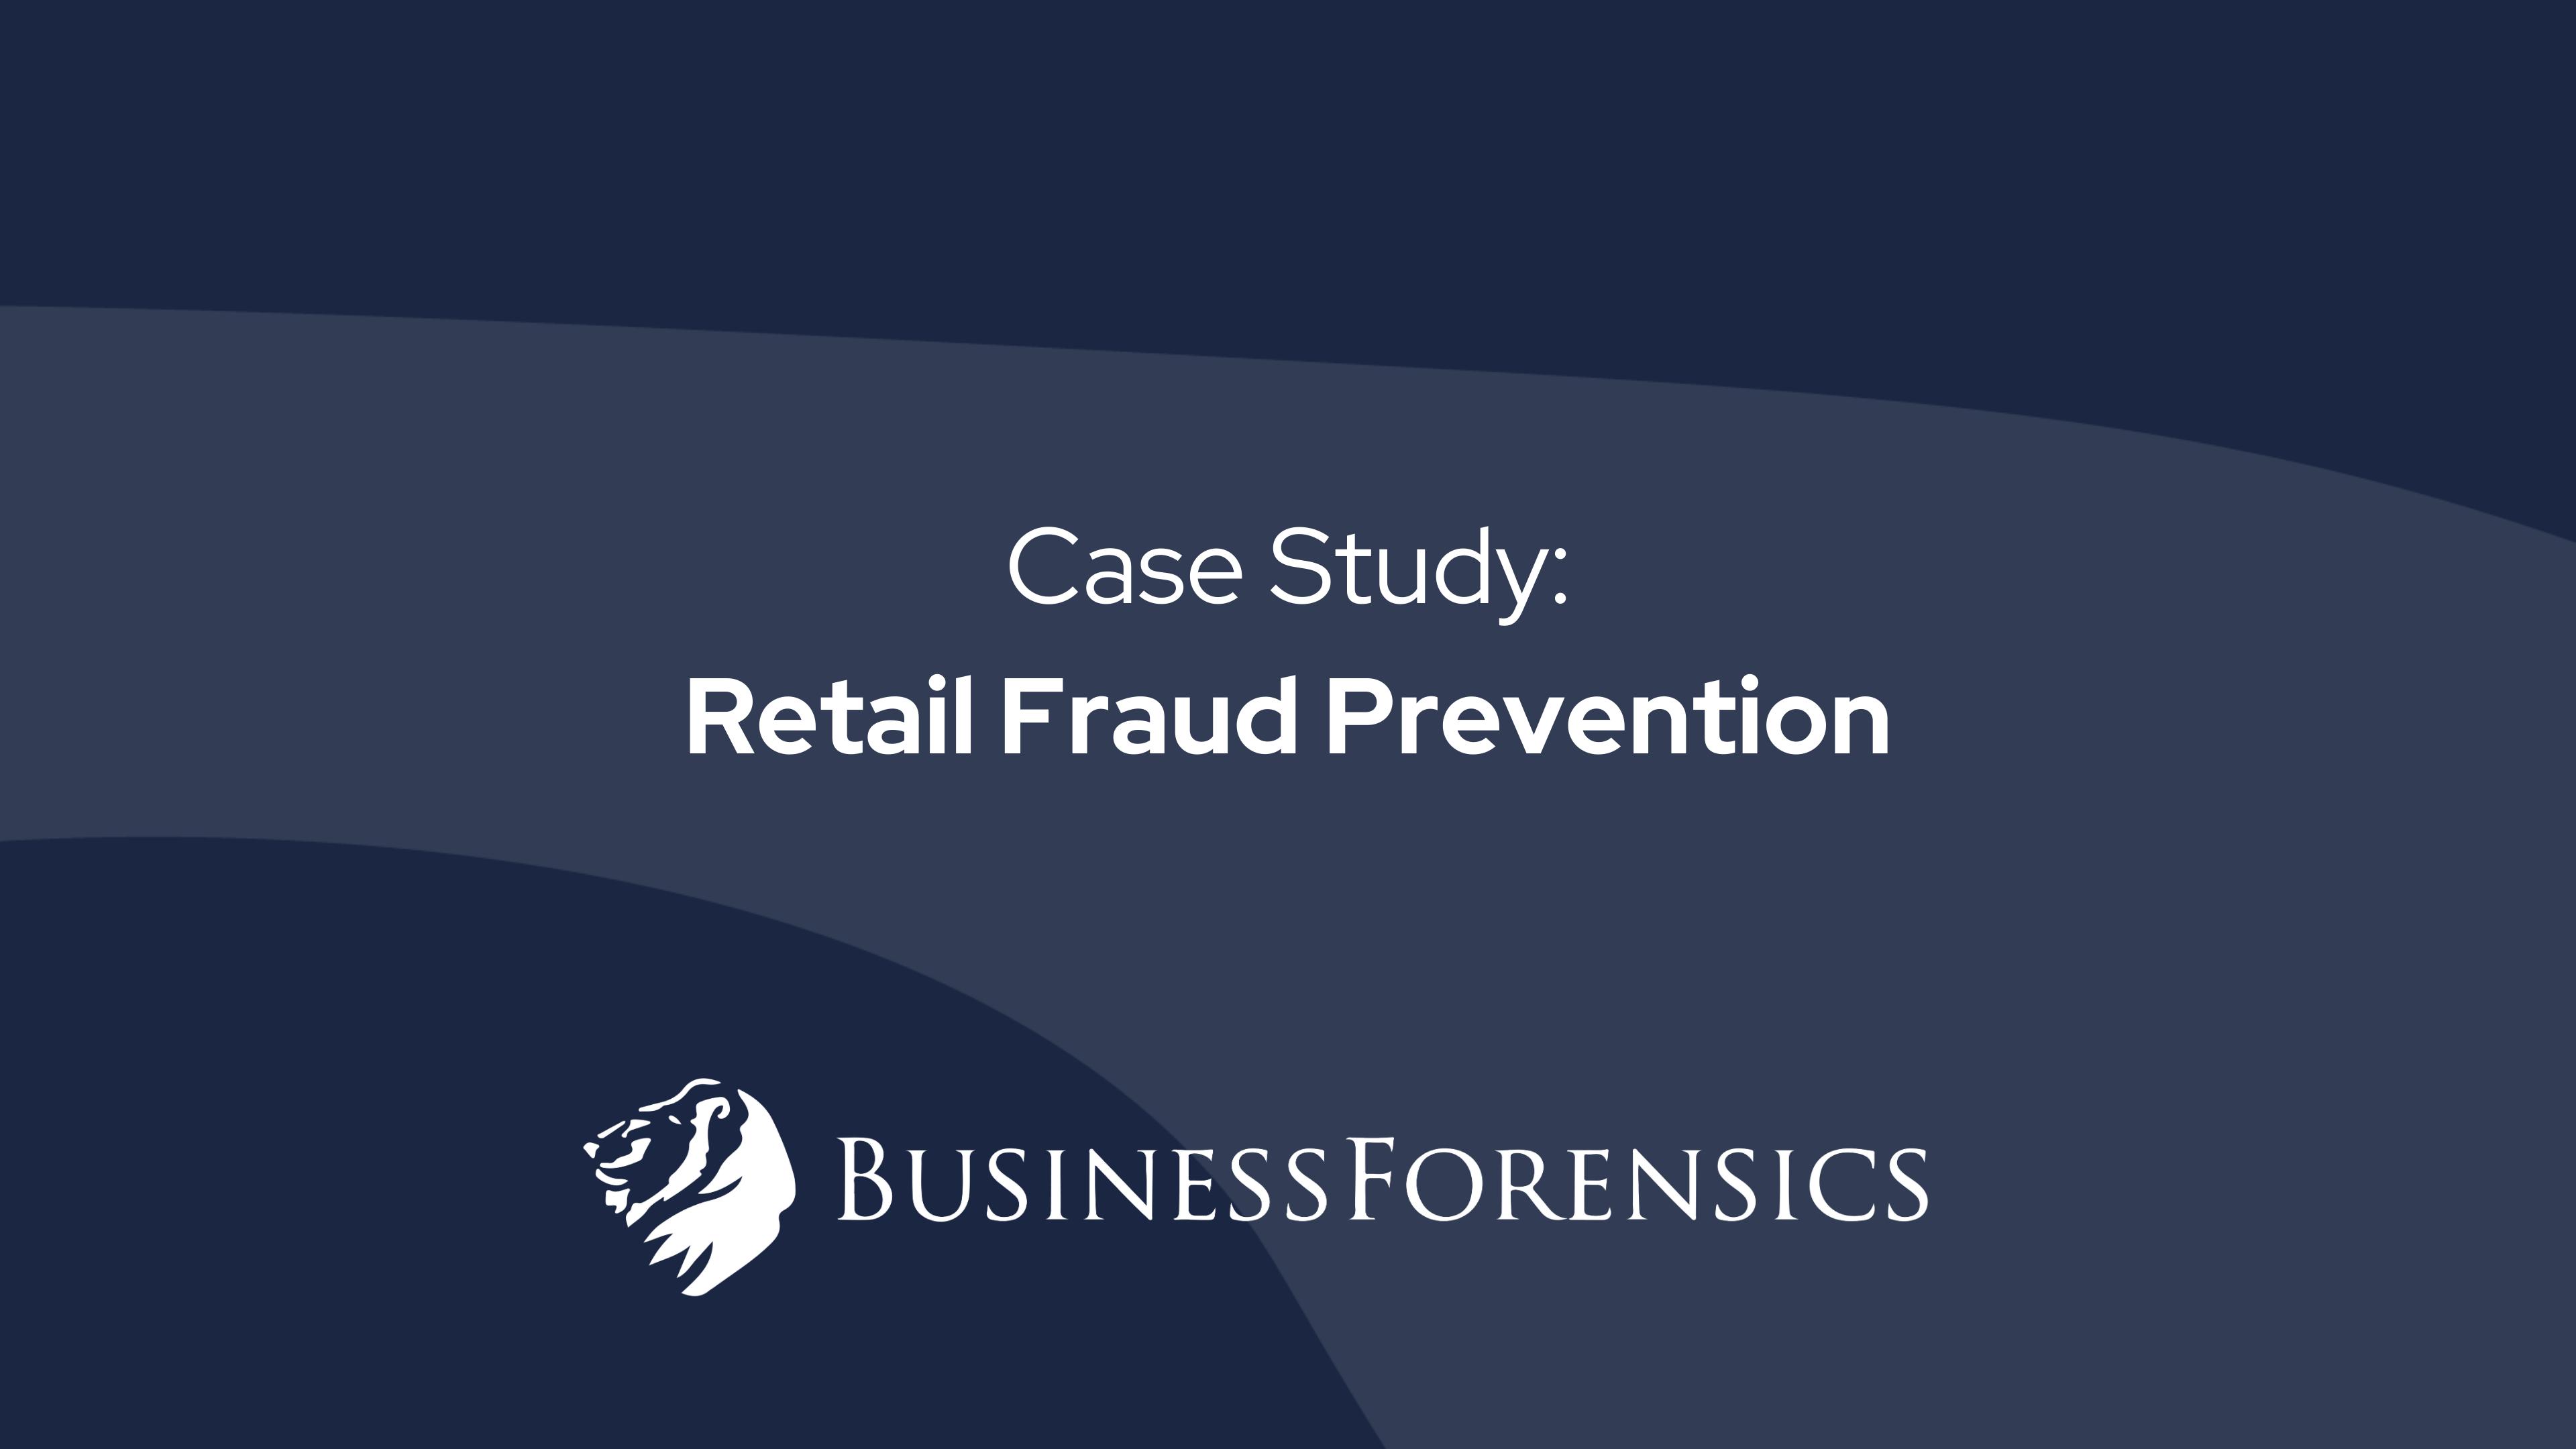 estudio de caso de fraude al por menor